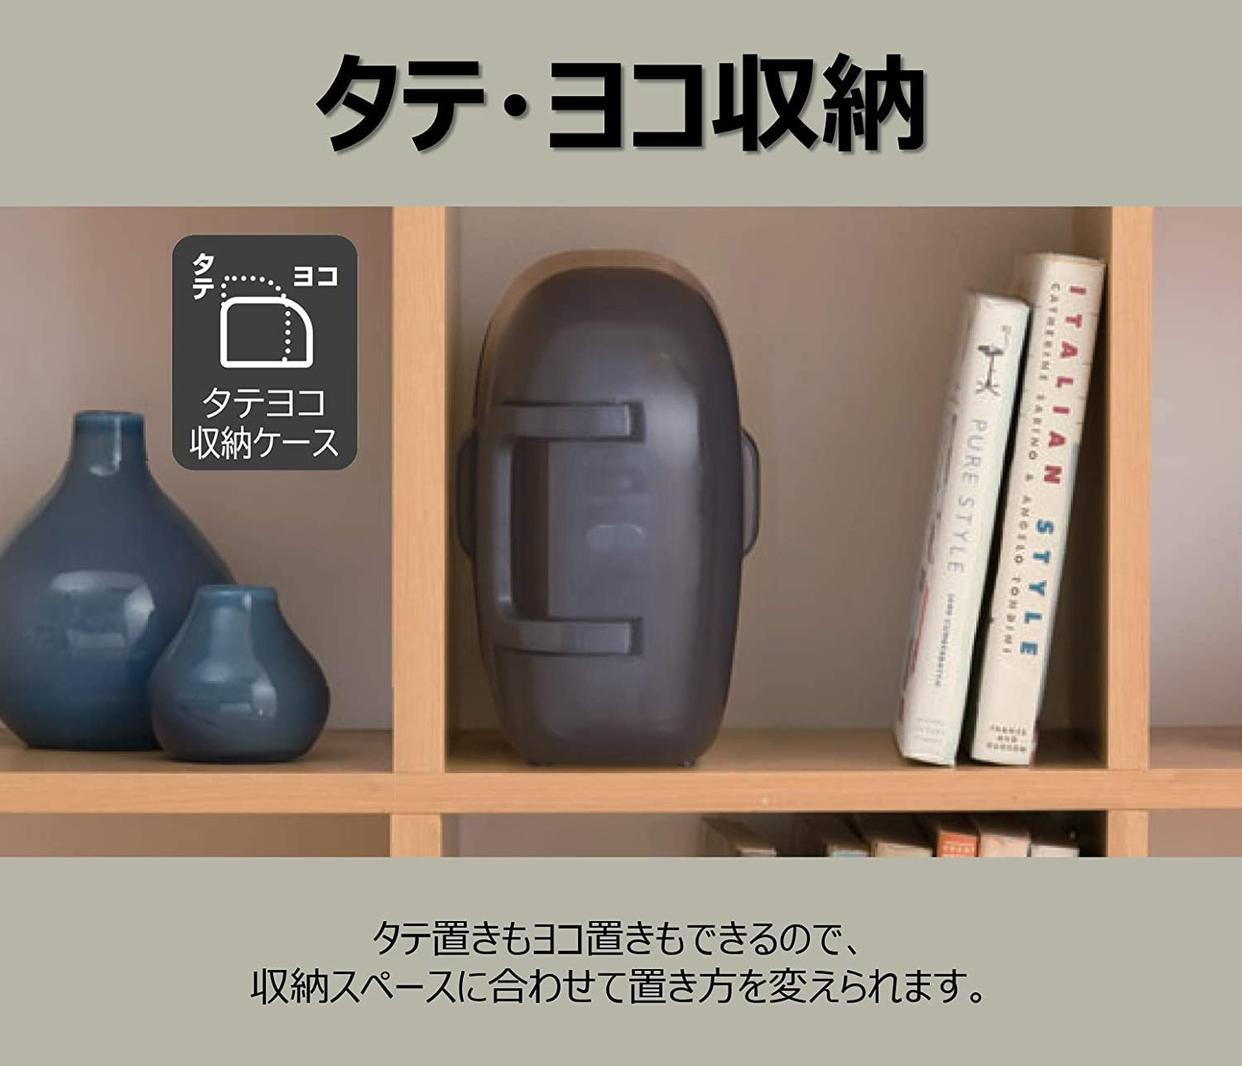 日立(HITACHI) コードレススチームアイロン CSI-307の商品画像6